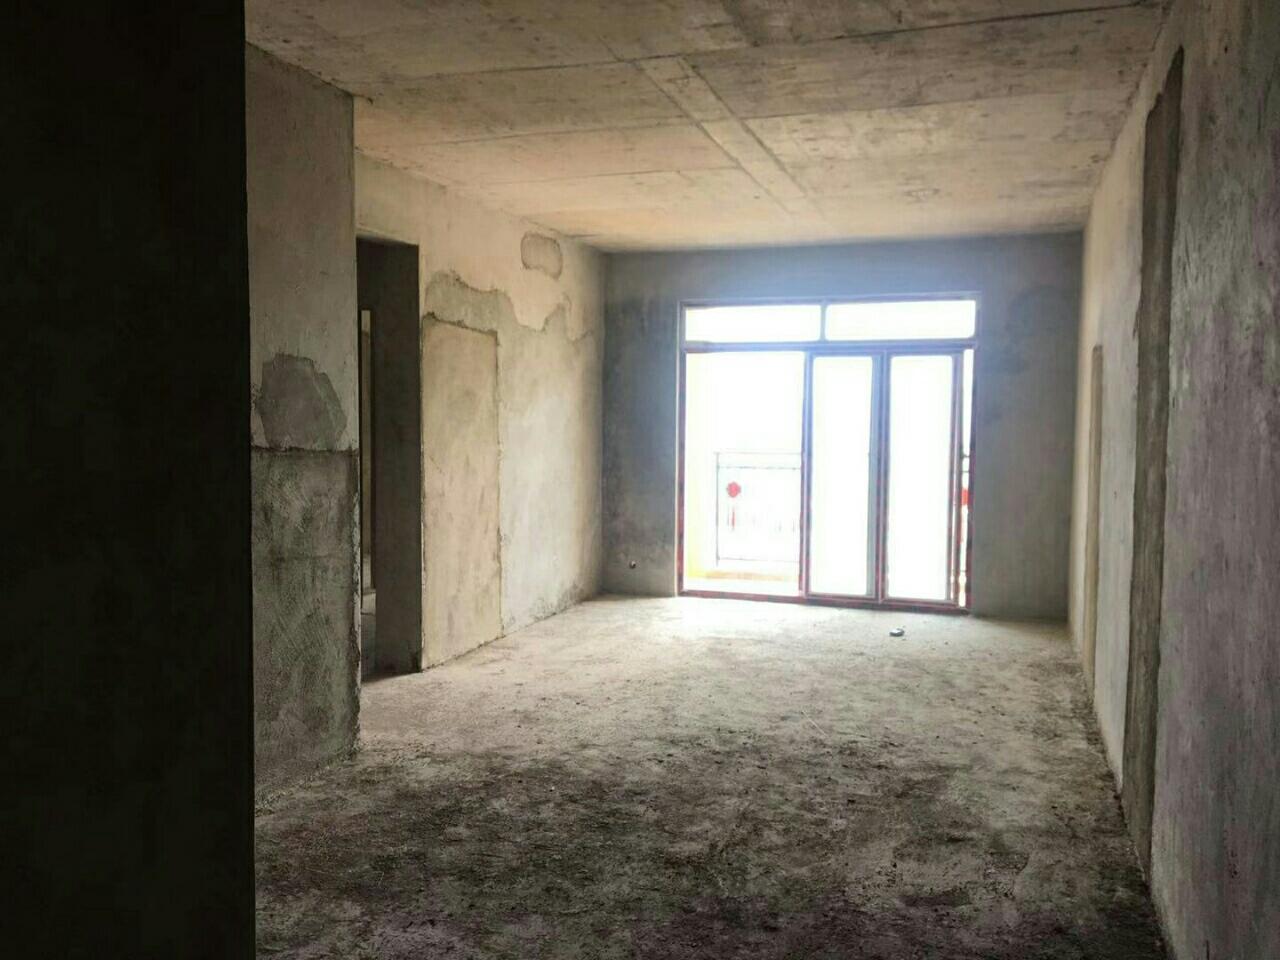 德信国际广场3室2厅44.29万元